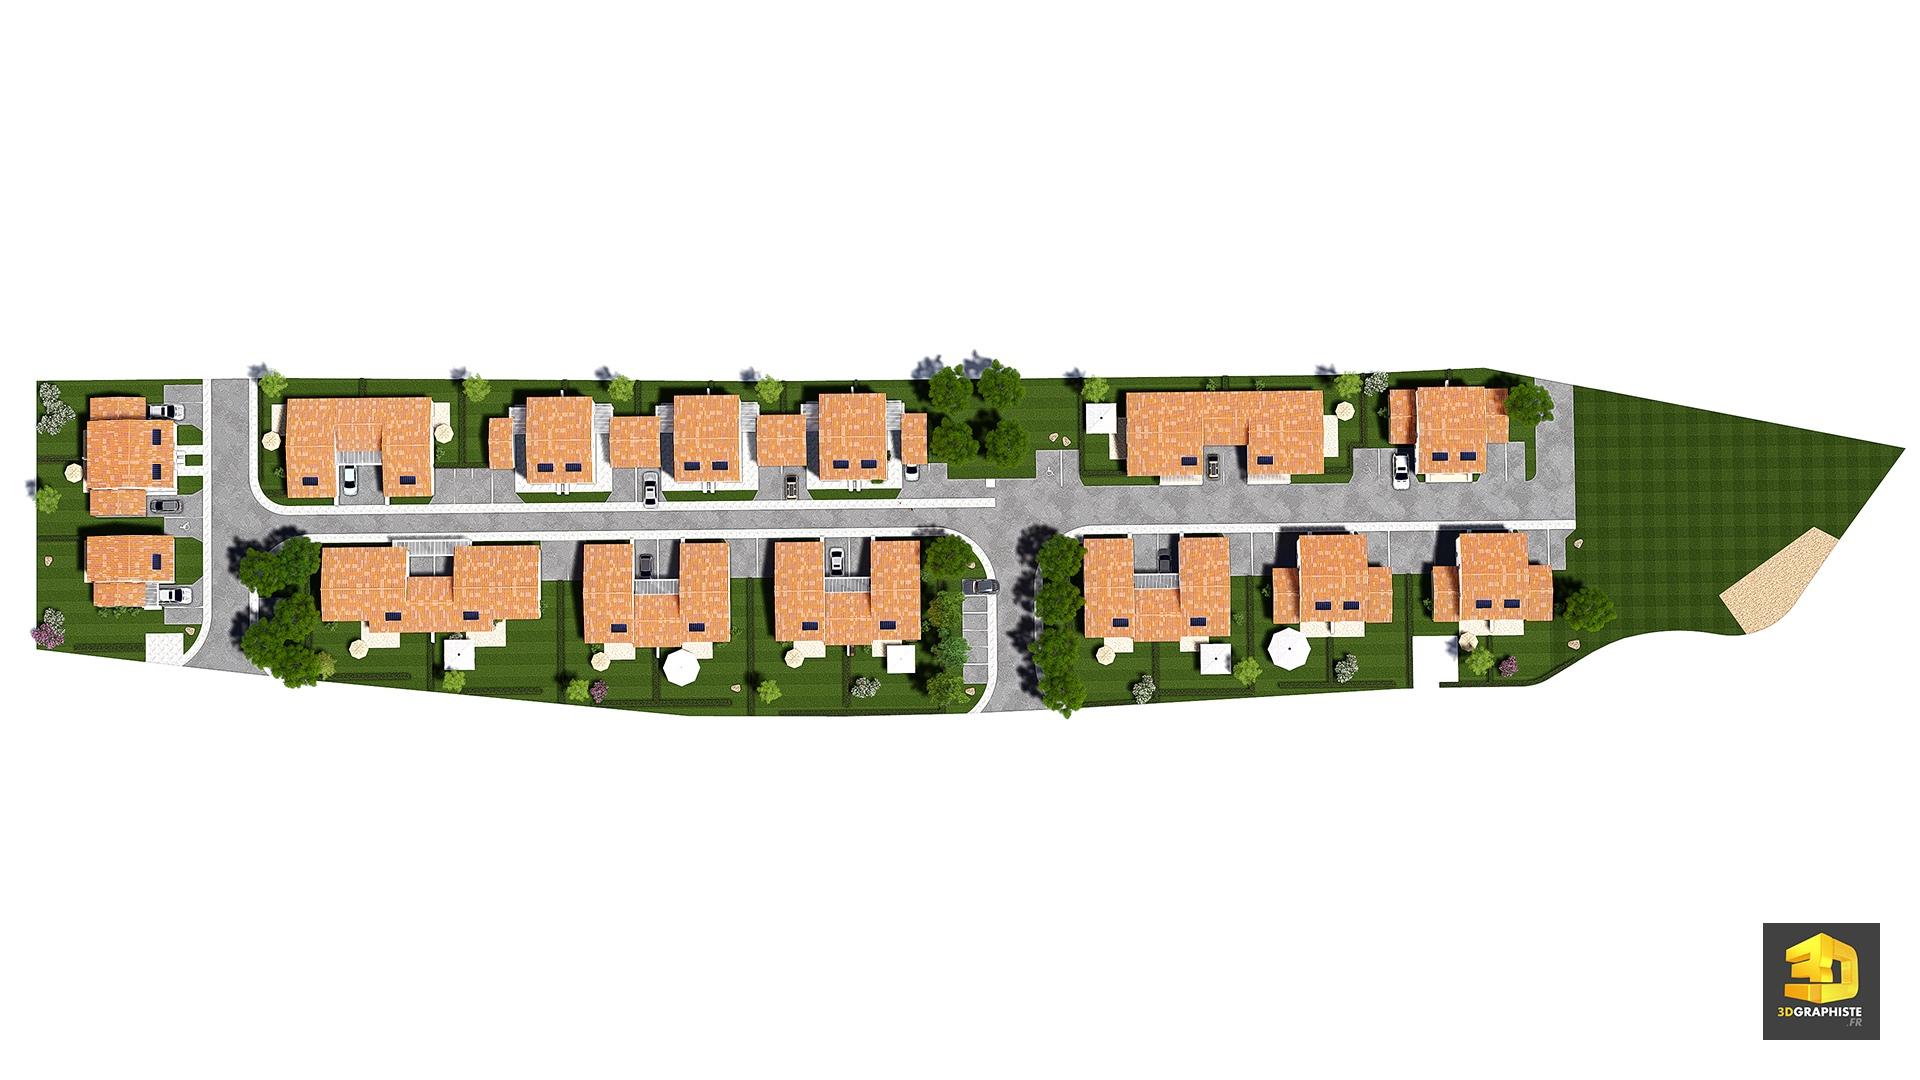 Plan de masse illustrations pour l 39 architecture et l 39 immobilier - Plan de masse et plan de situation ...